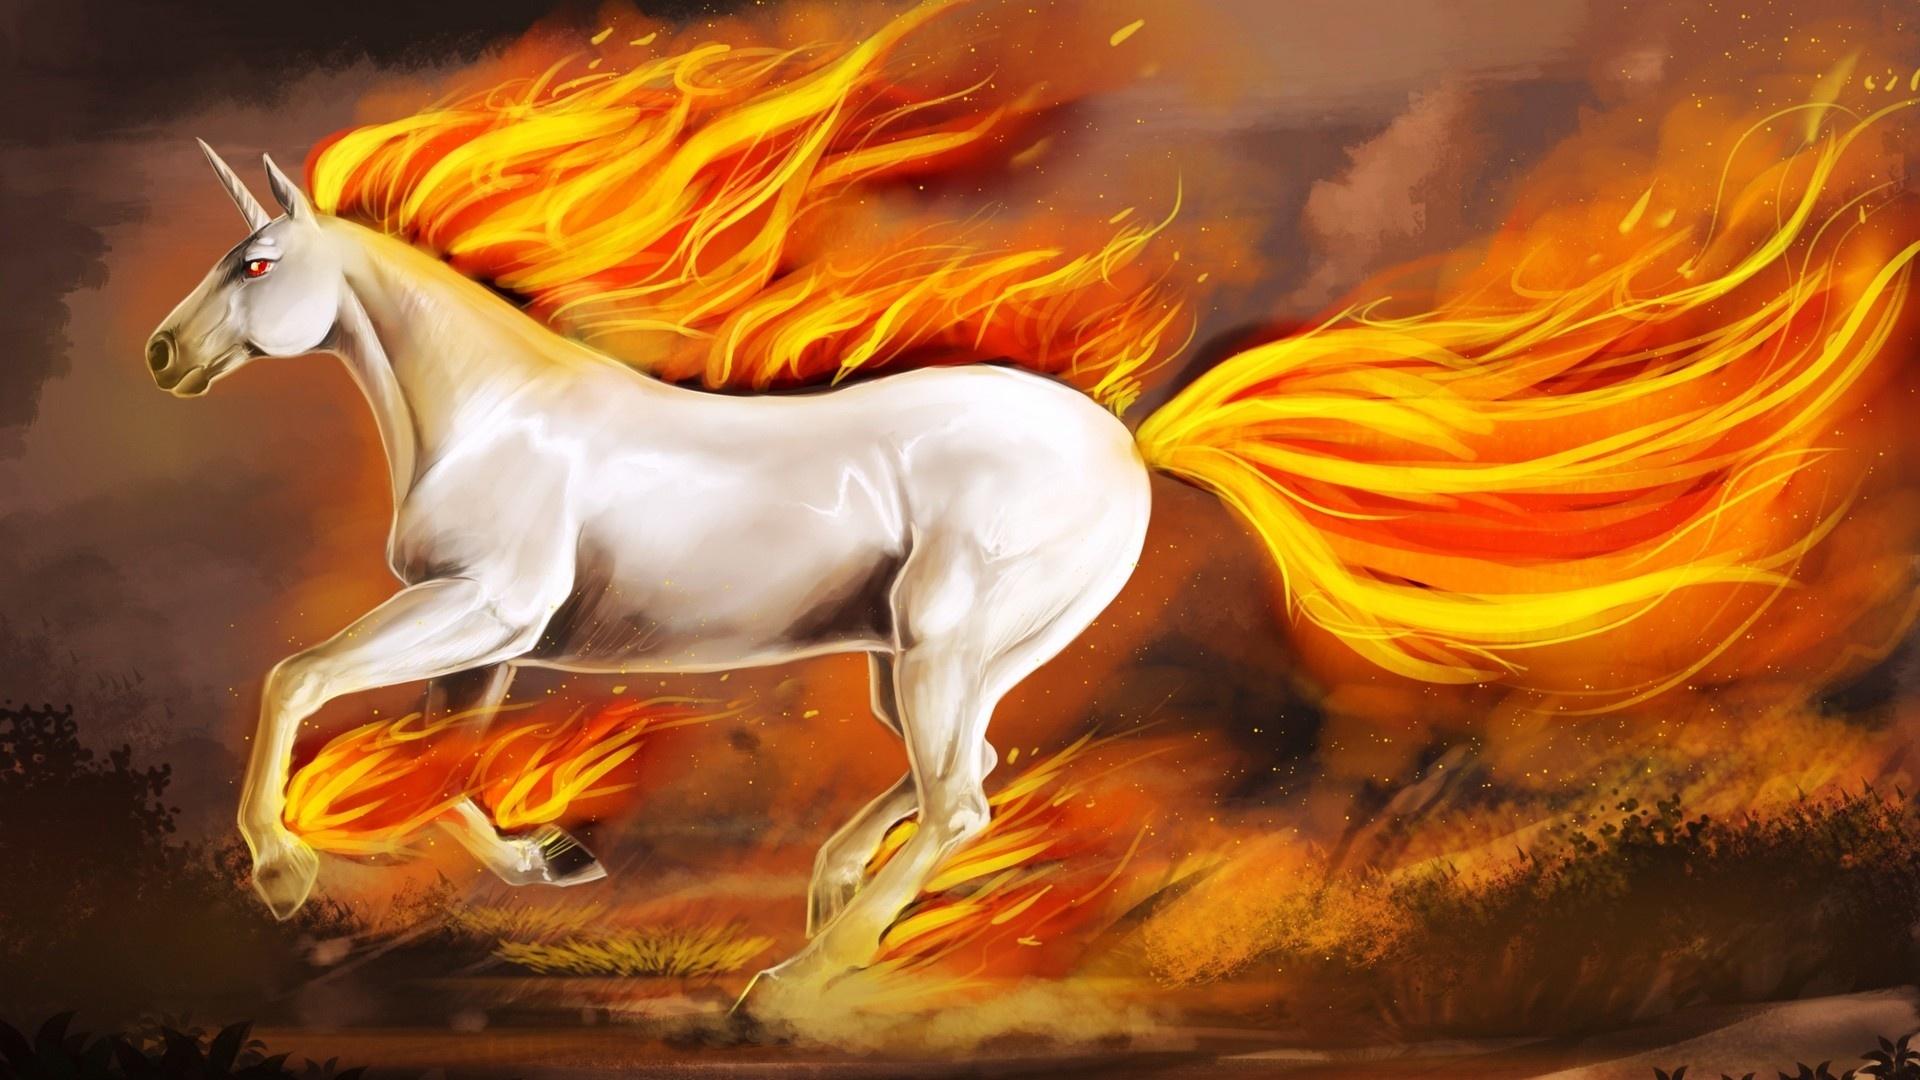 Magic Horses Wallpaper